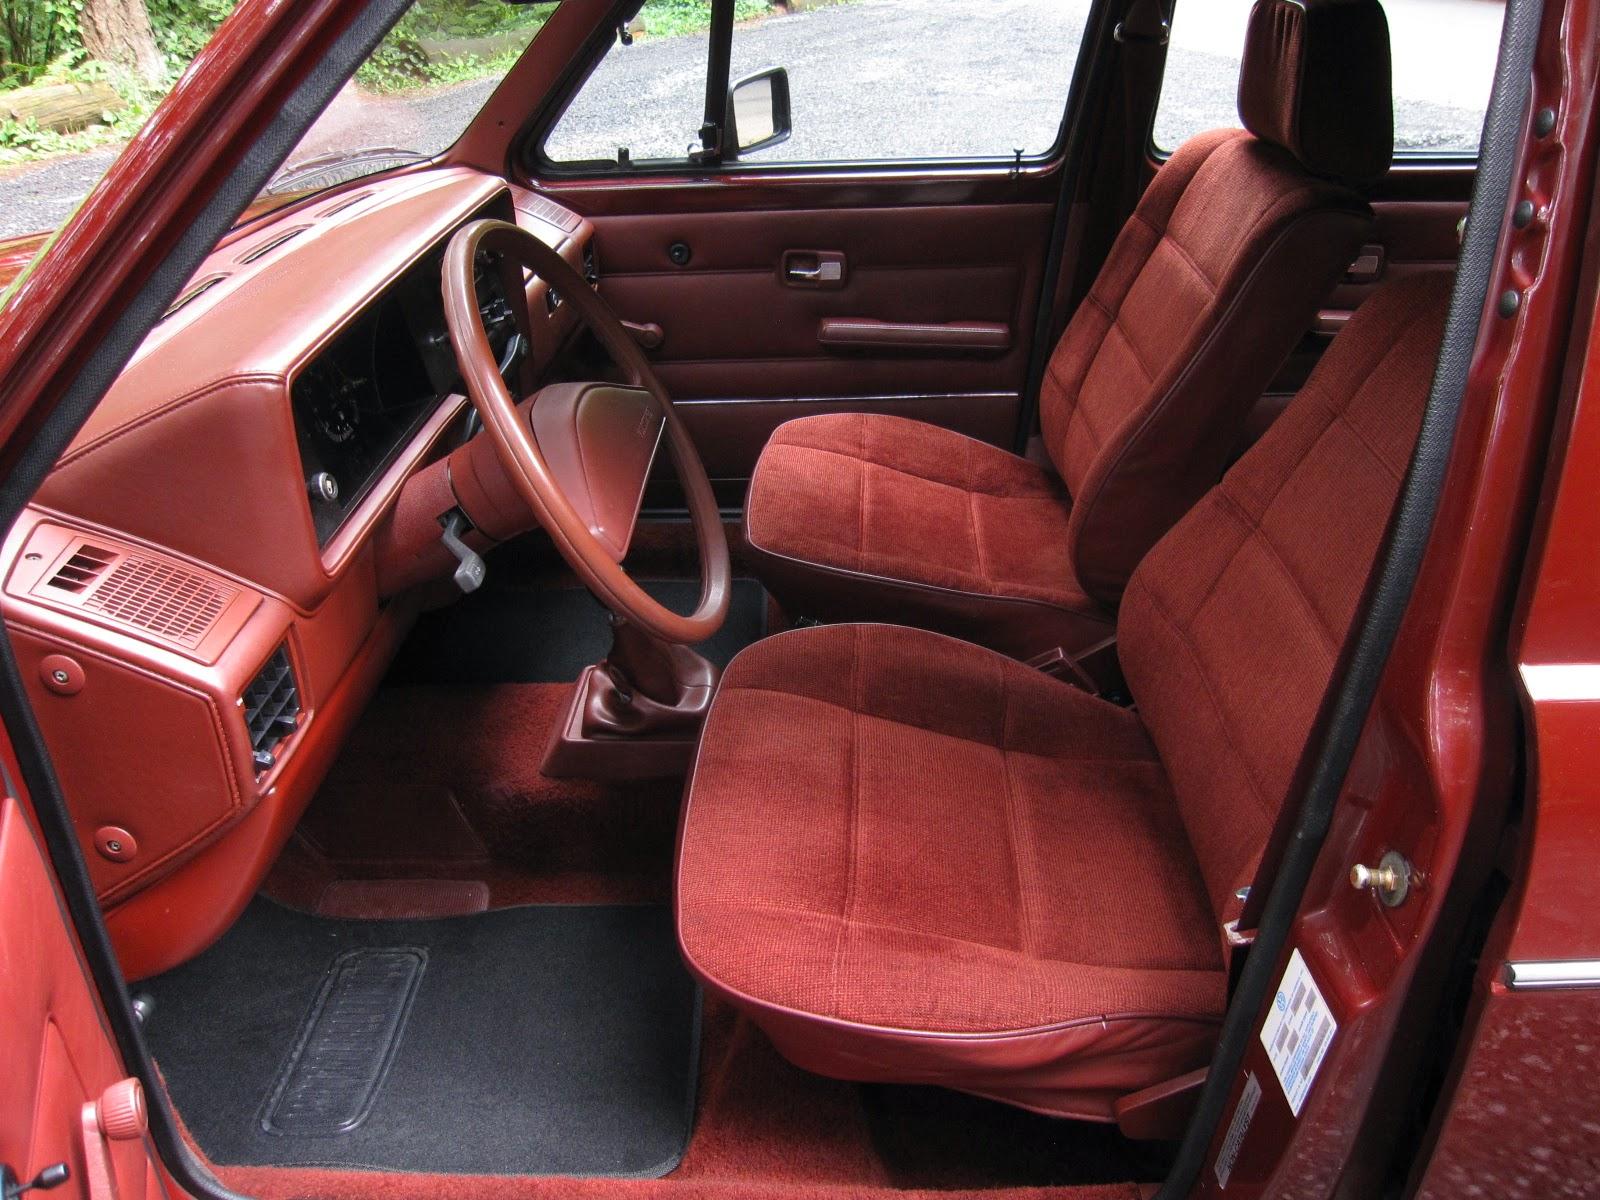 Volkswagen Rabbit Diesel Interior on 1991 Vw Golf 1 8 Engine